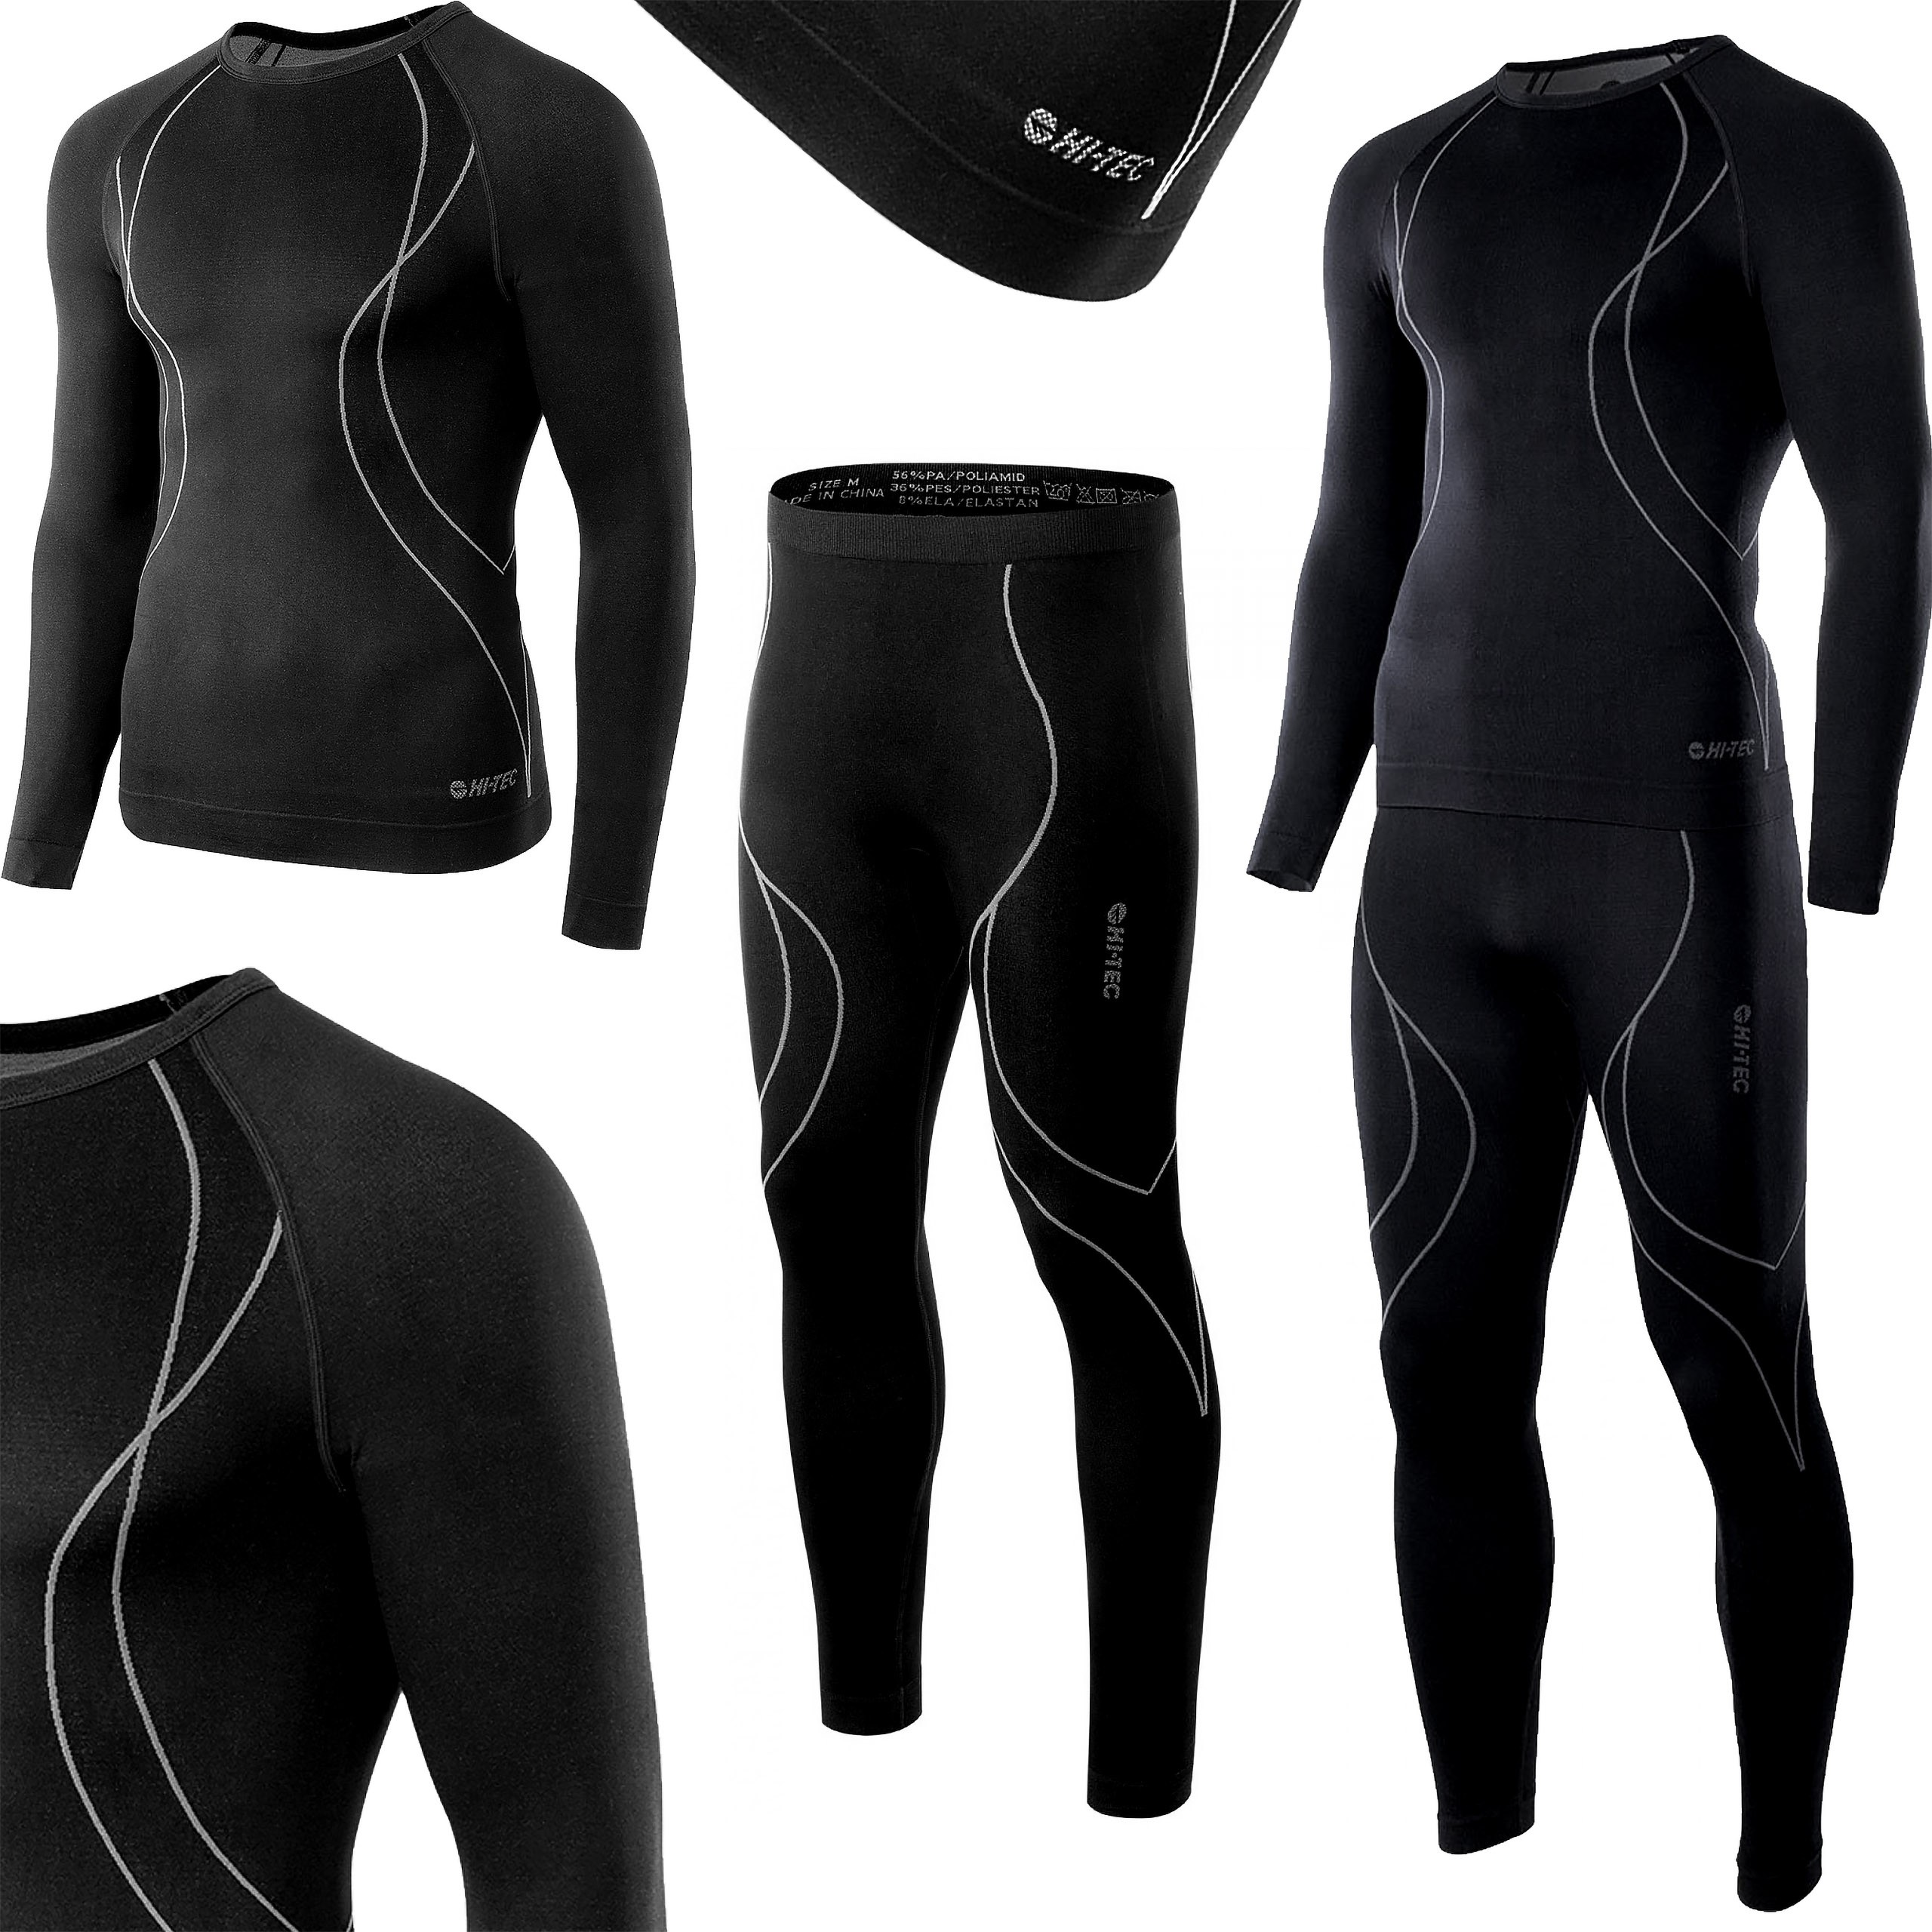 Bielizna termoaktywna HI-TEC IKAR SET męska XL czarno-szara (spodnie+koszulka)